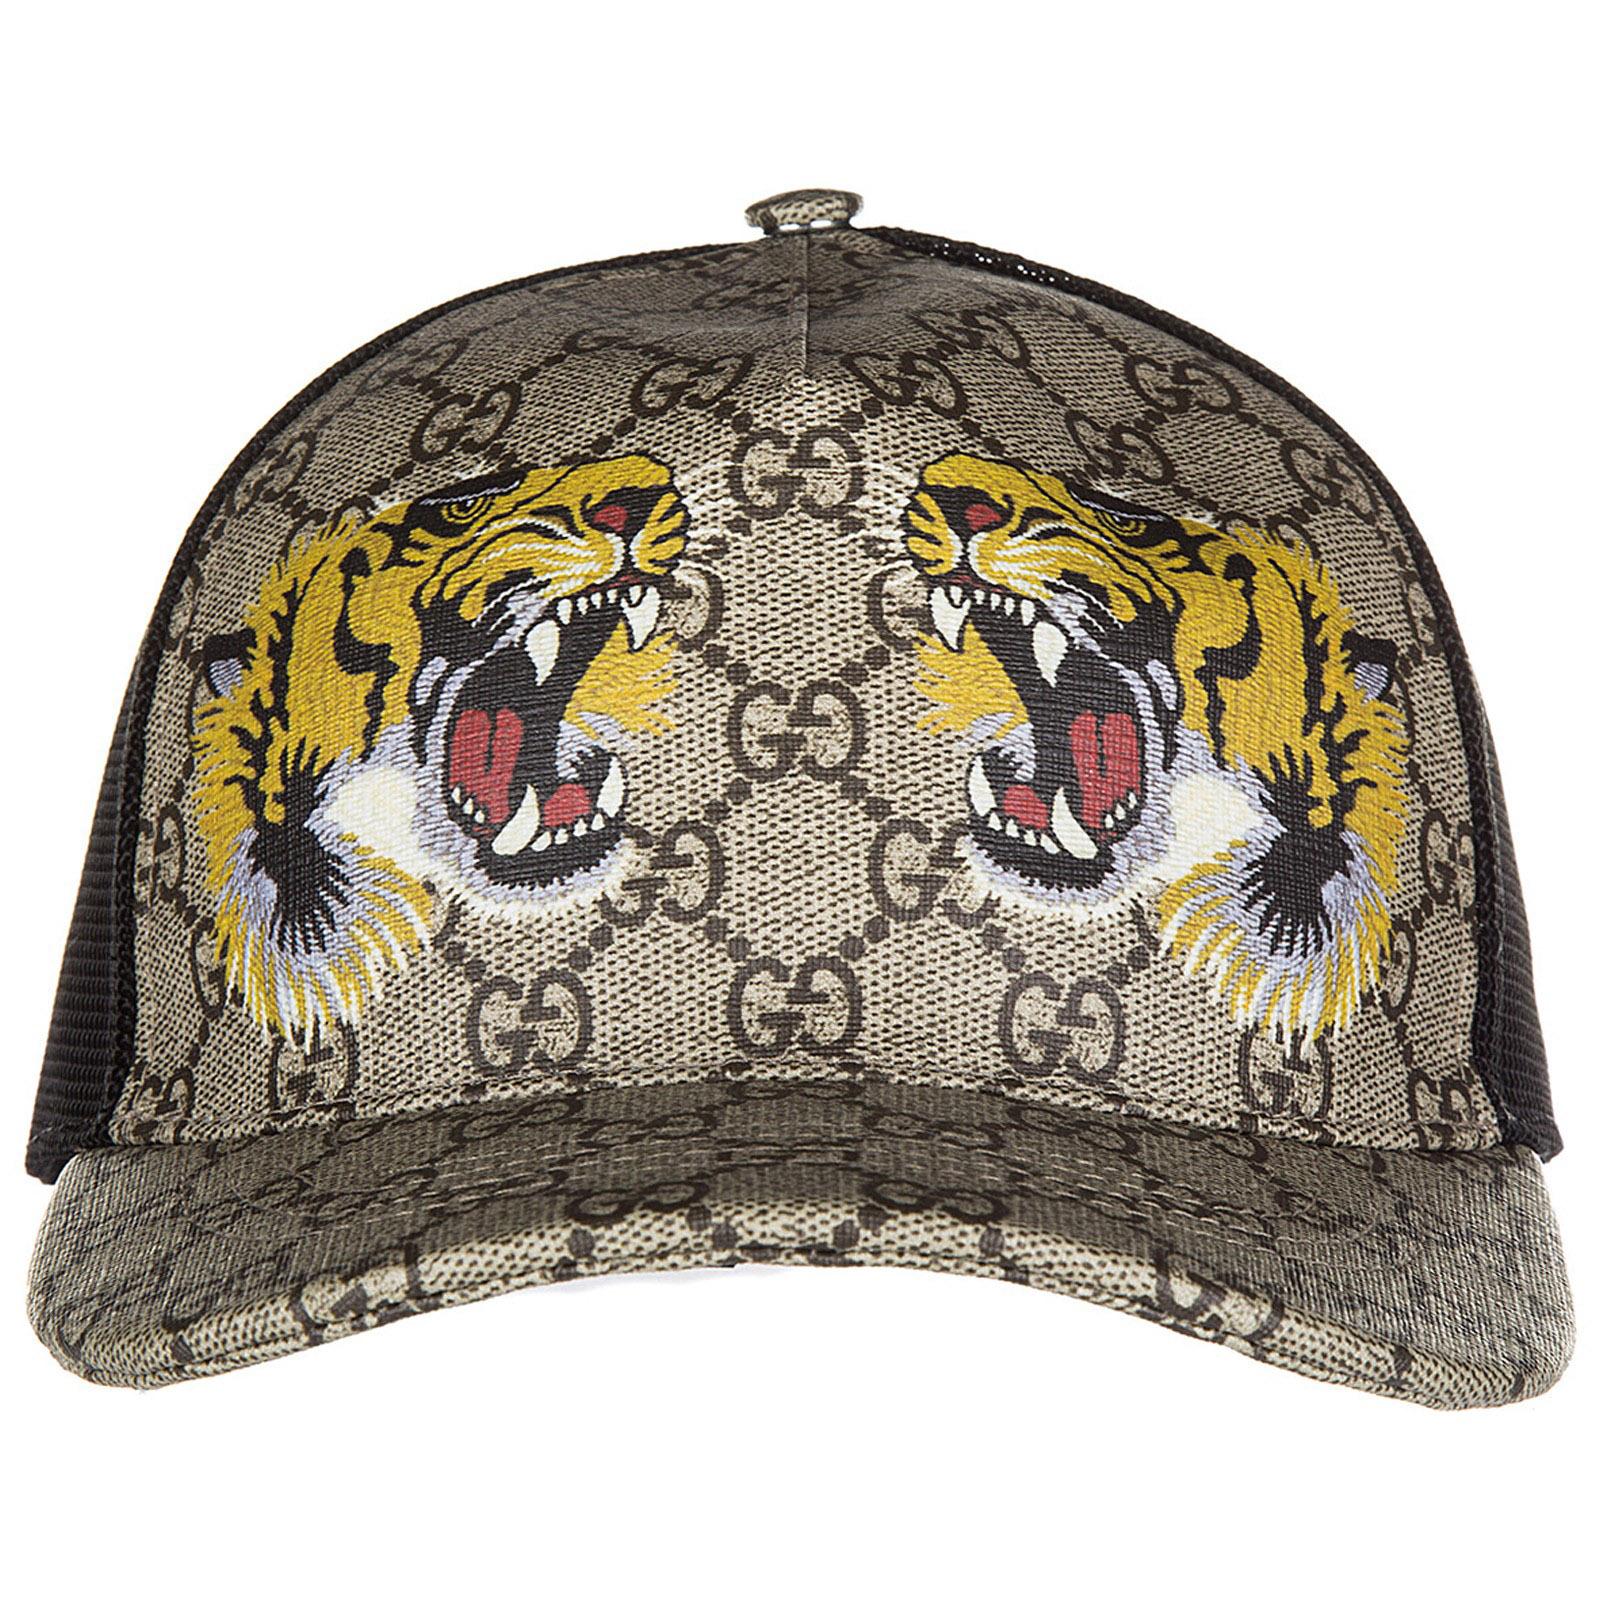 Casquette baseball Gucci 426887 4HB13 2160 beige   FRMODA.com d675a268022